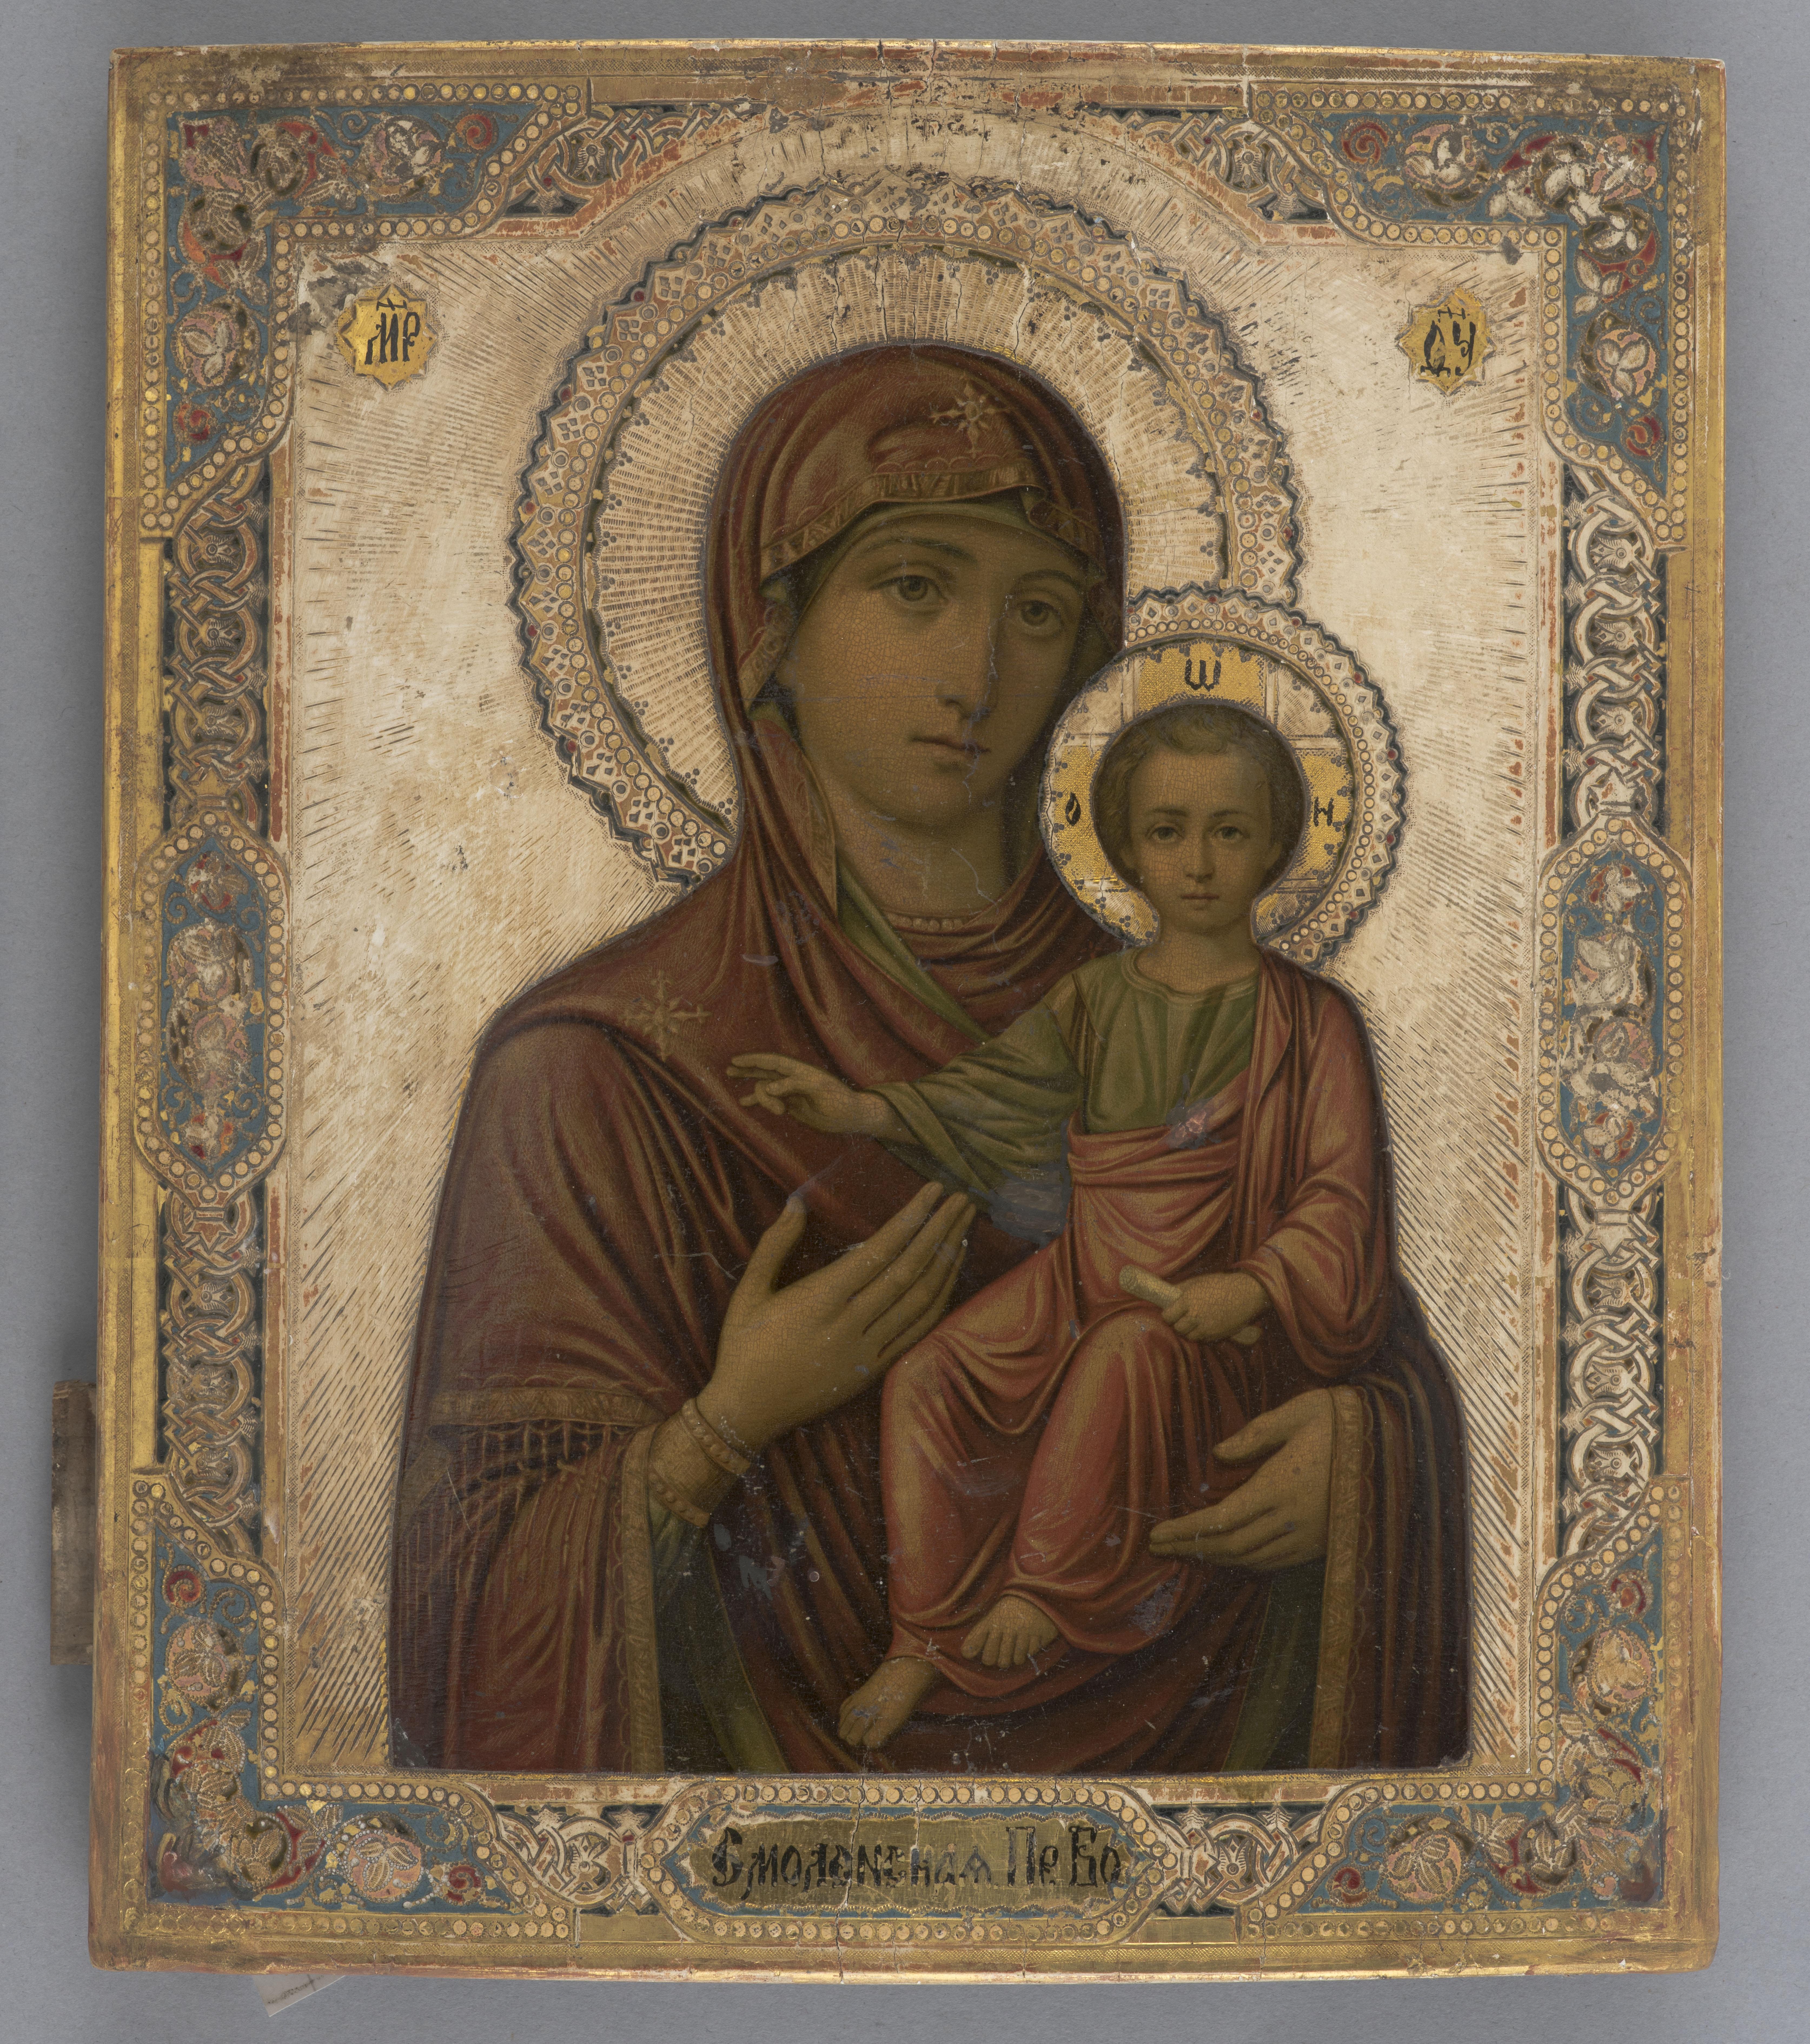 Smoleńska Ikona Matki Bożej, pocz. XX w. Rosja, Moskwa